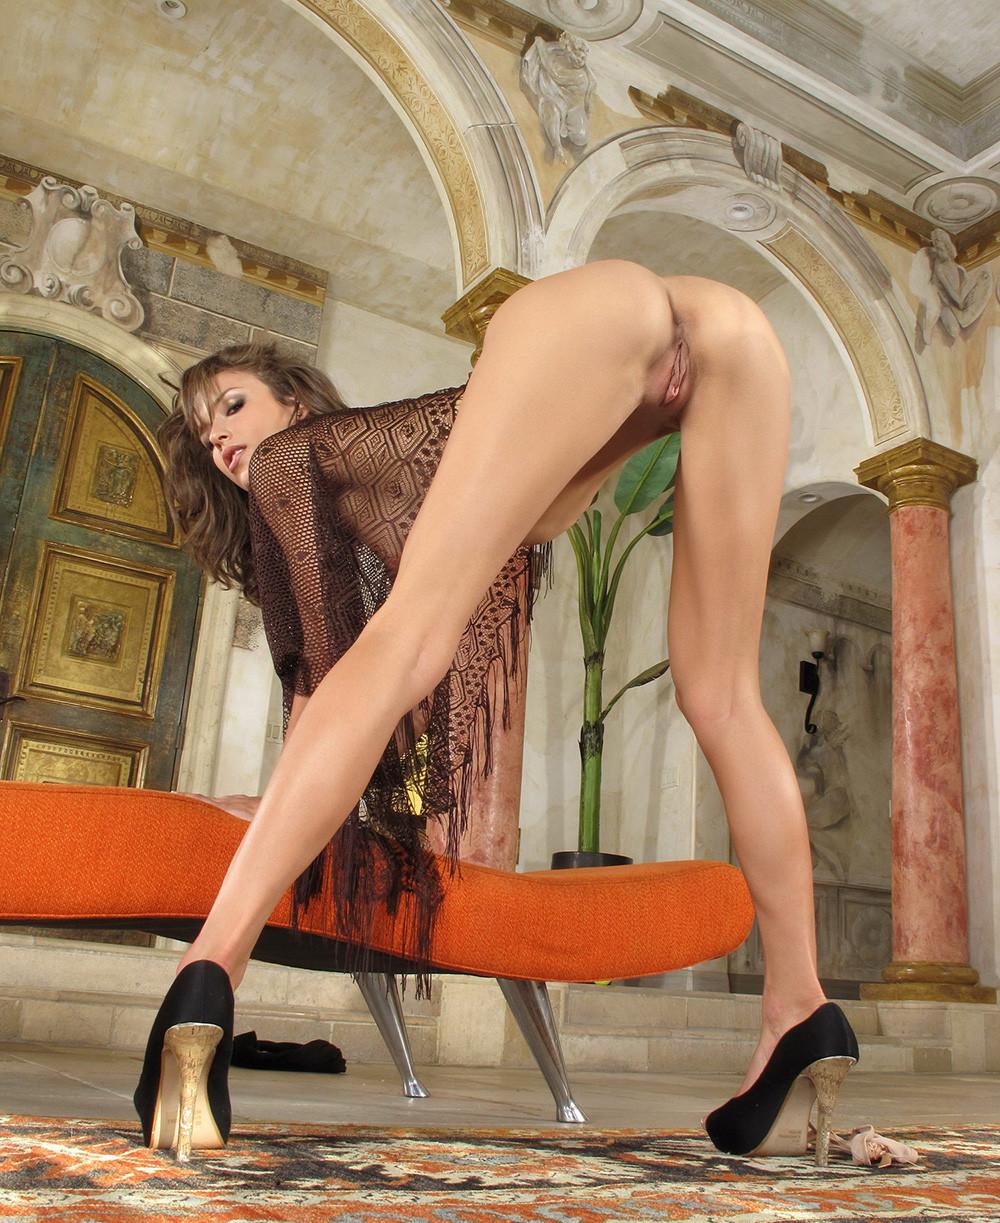 Sexy long legs porn